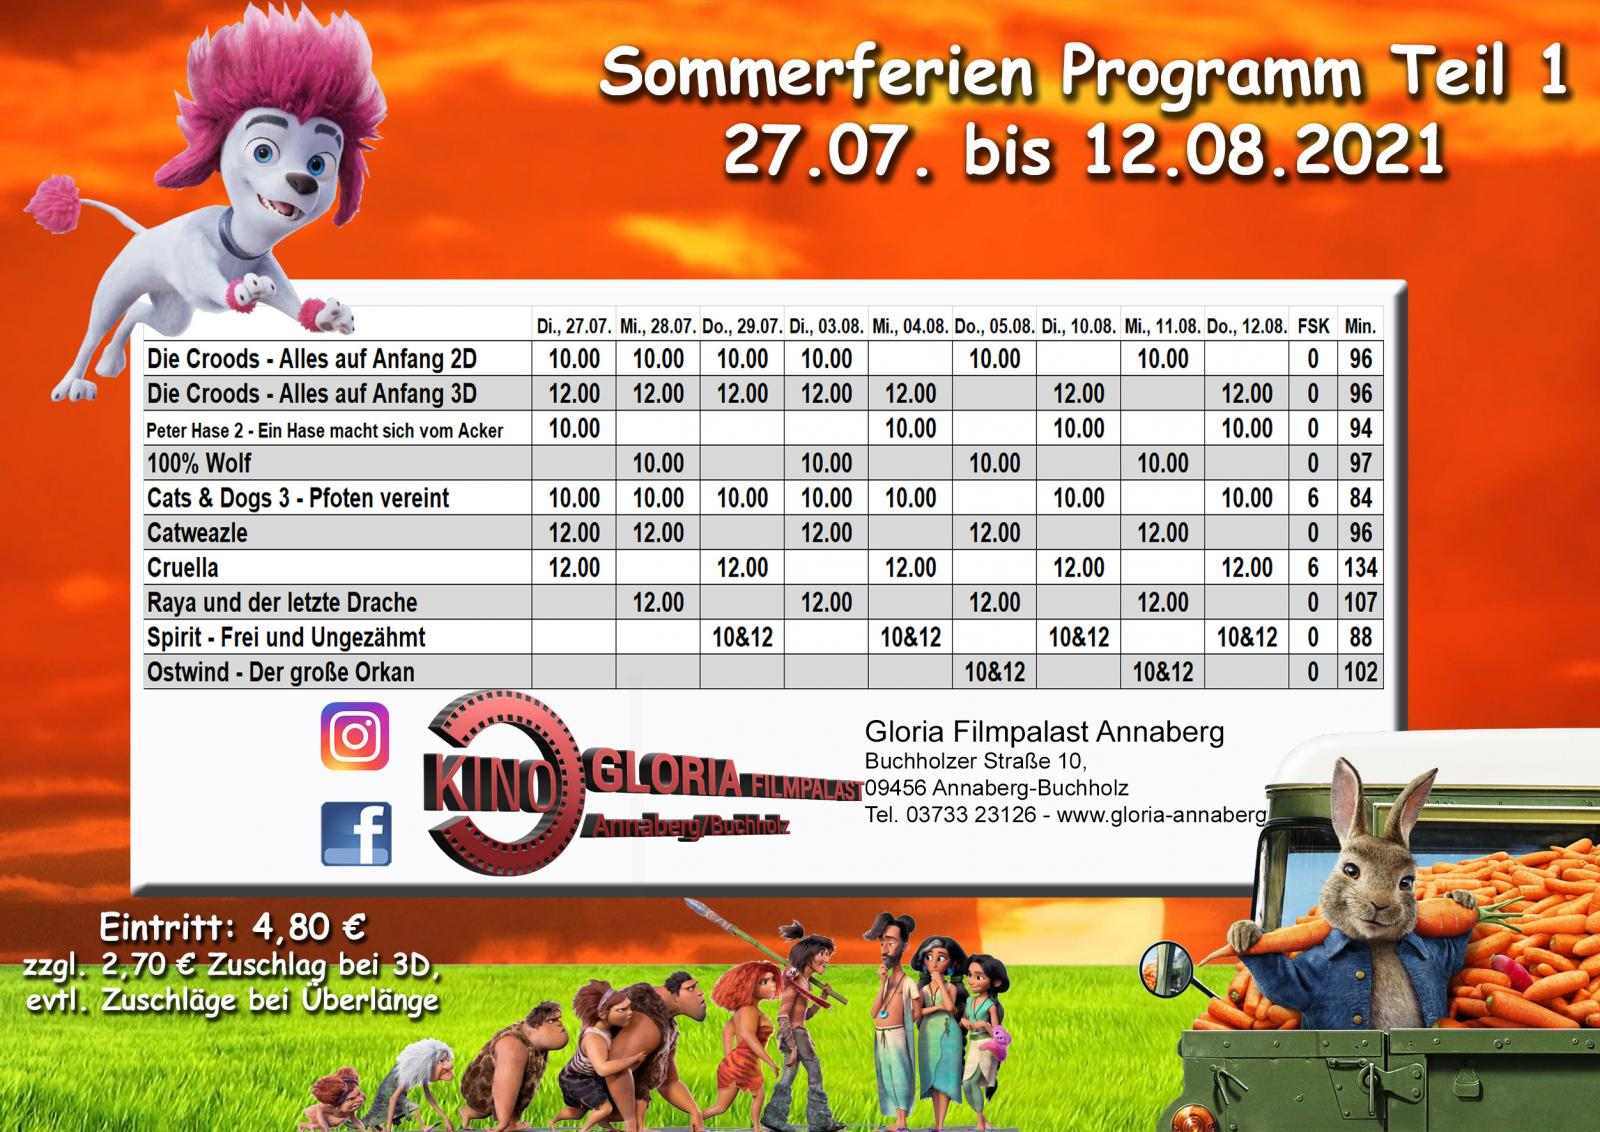 Sommerferienprogramm Teil 1